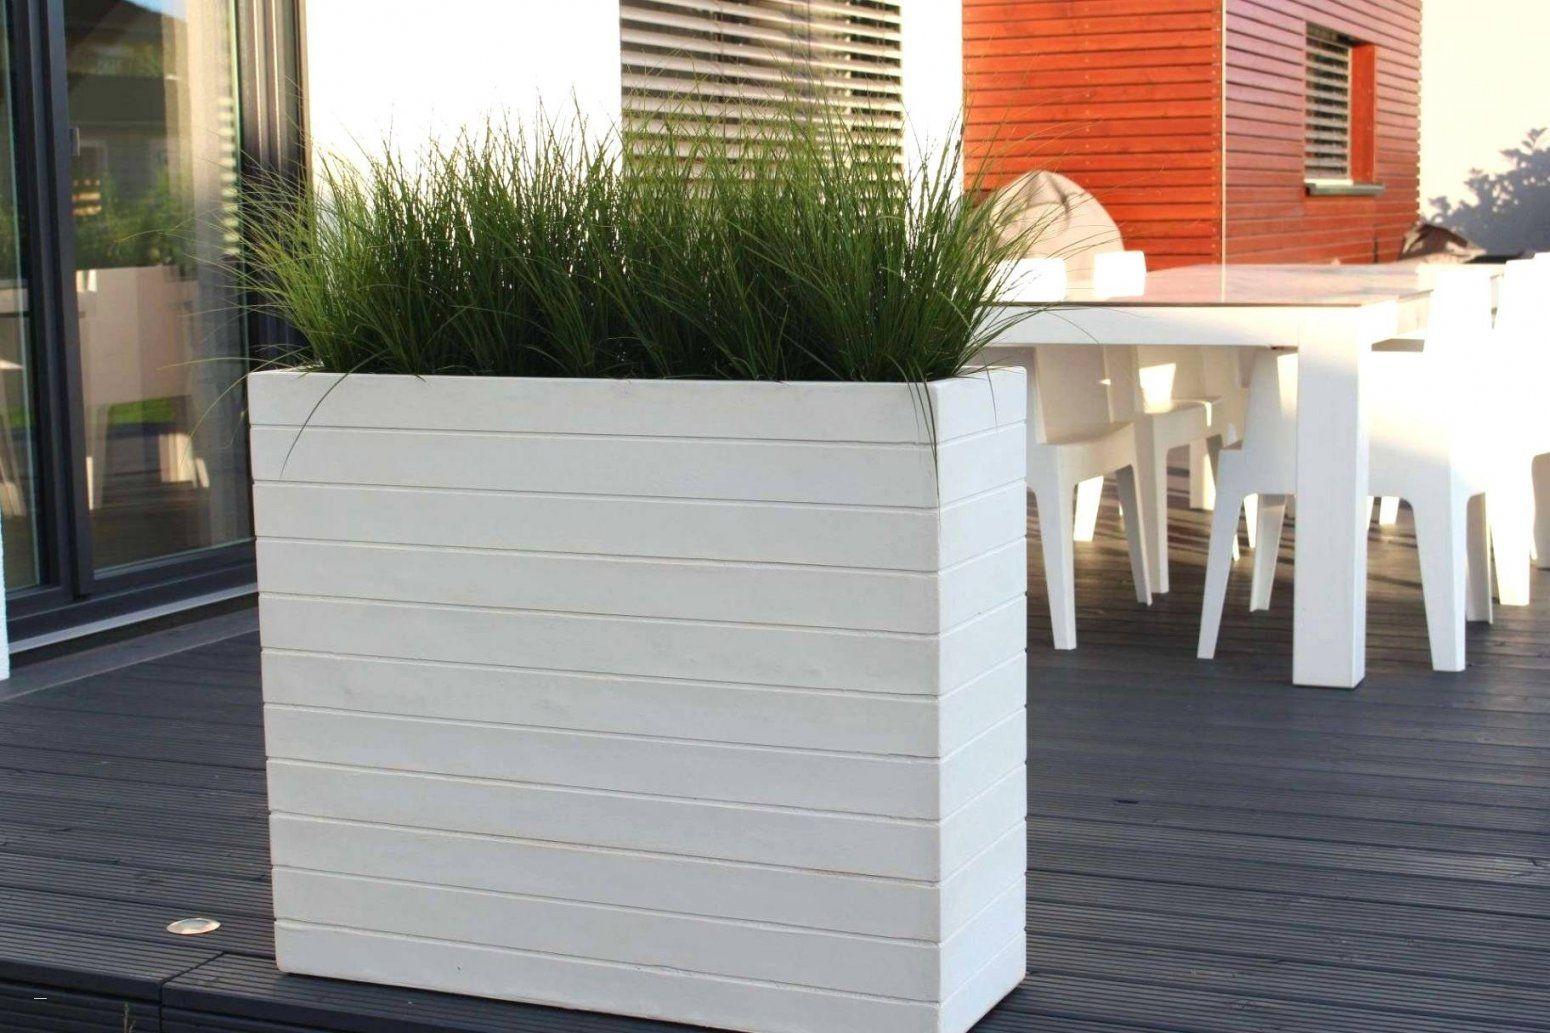 Ideen Für Den Balkon Neu Einzigartig 40 Balkon Sichtschutz Selber von Balkon Sichtschutz Selber Bauen Bild